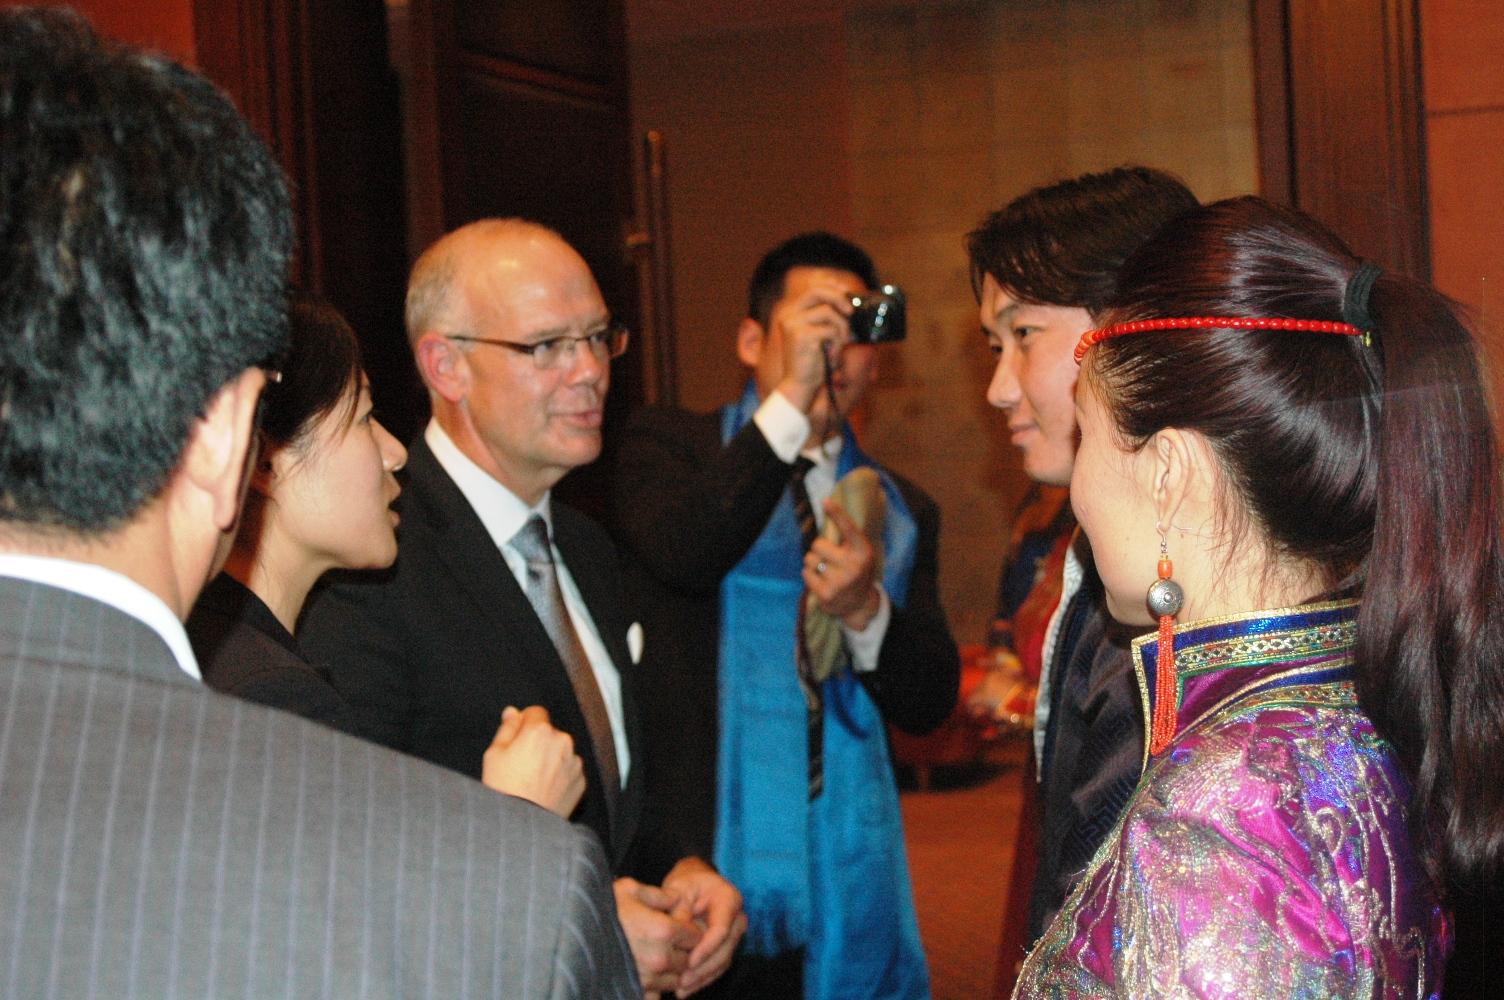 维多利亚市长和蒙古族演员见面交谈